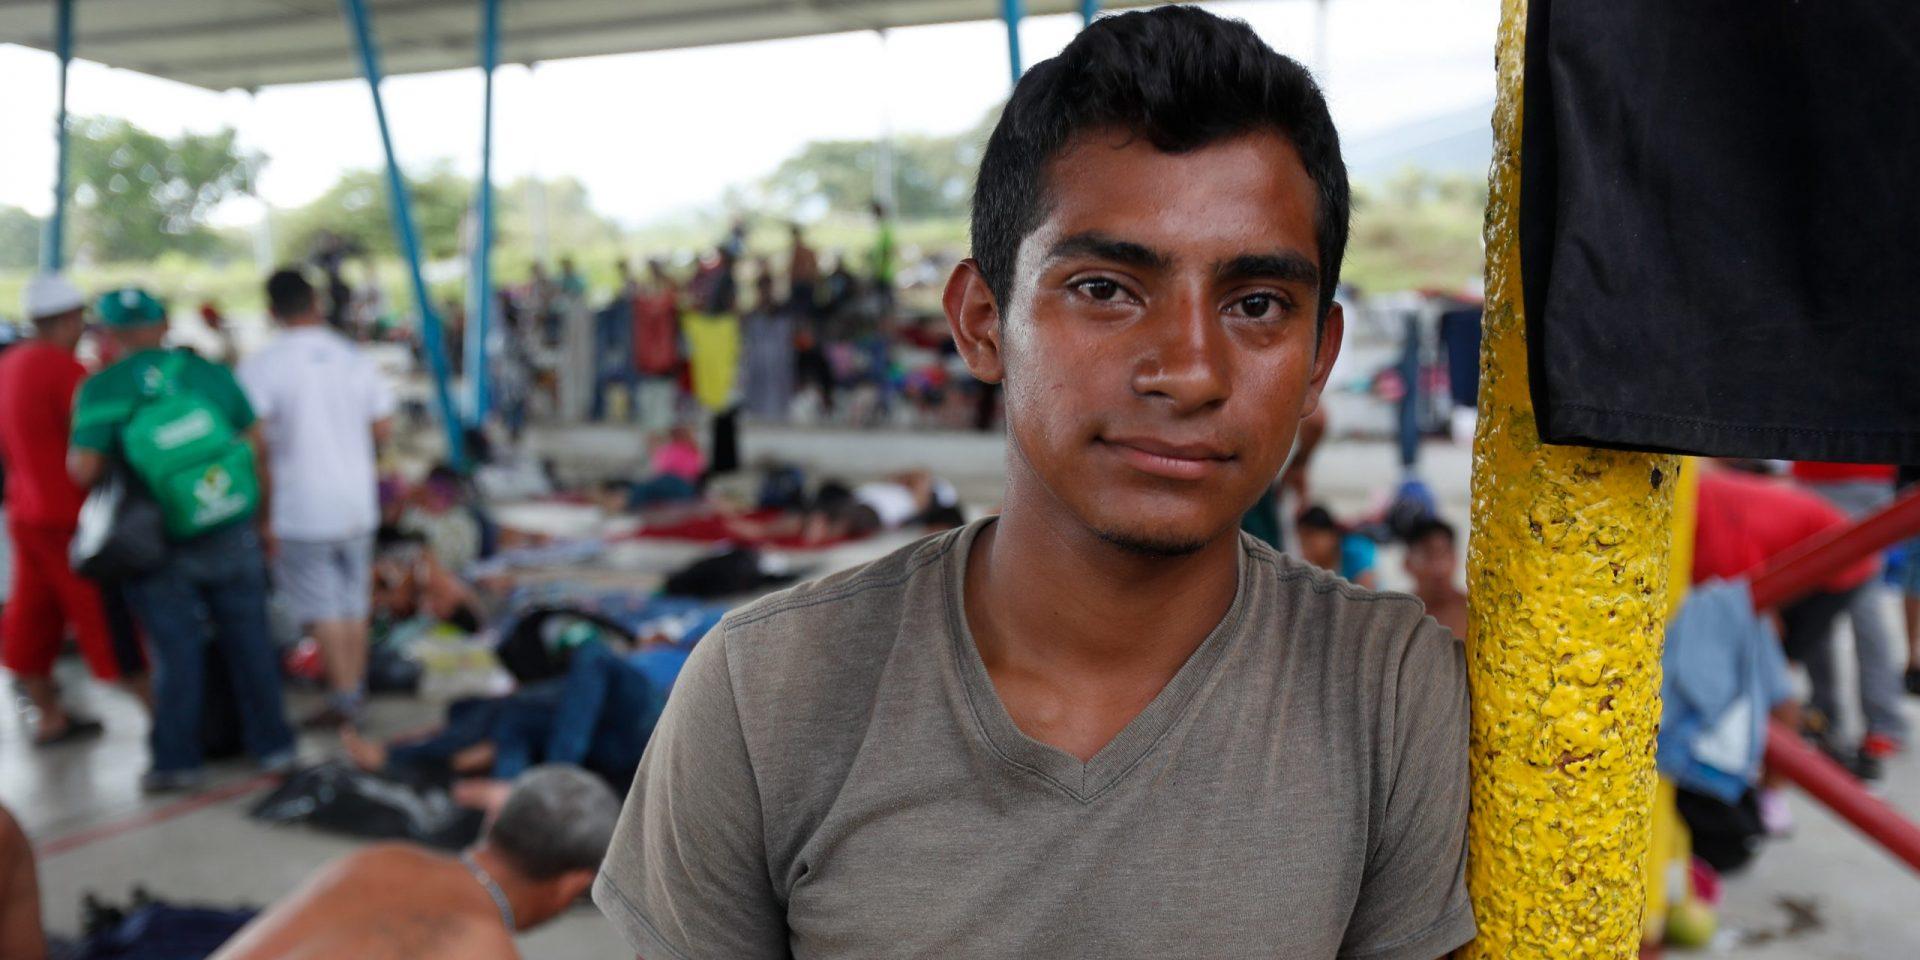 Marel Antonio Murillo Santos, här i ett temporärt flyktingläger i Mexiko, är en av många migranter från Honduras som flyr från fattigdom och korruption.